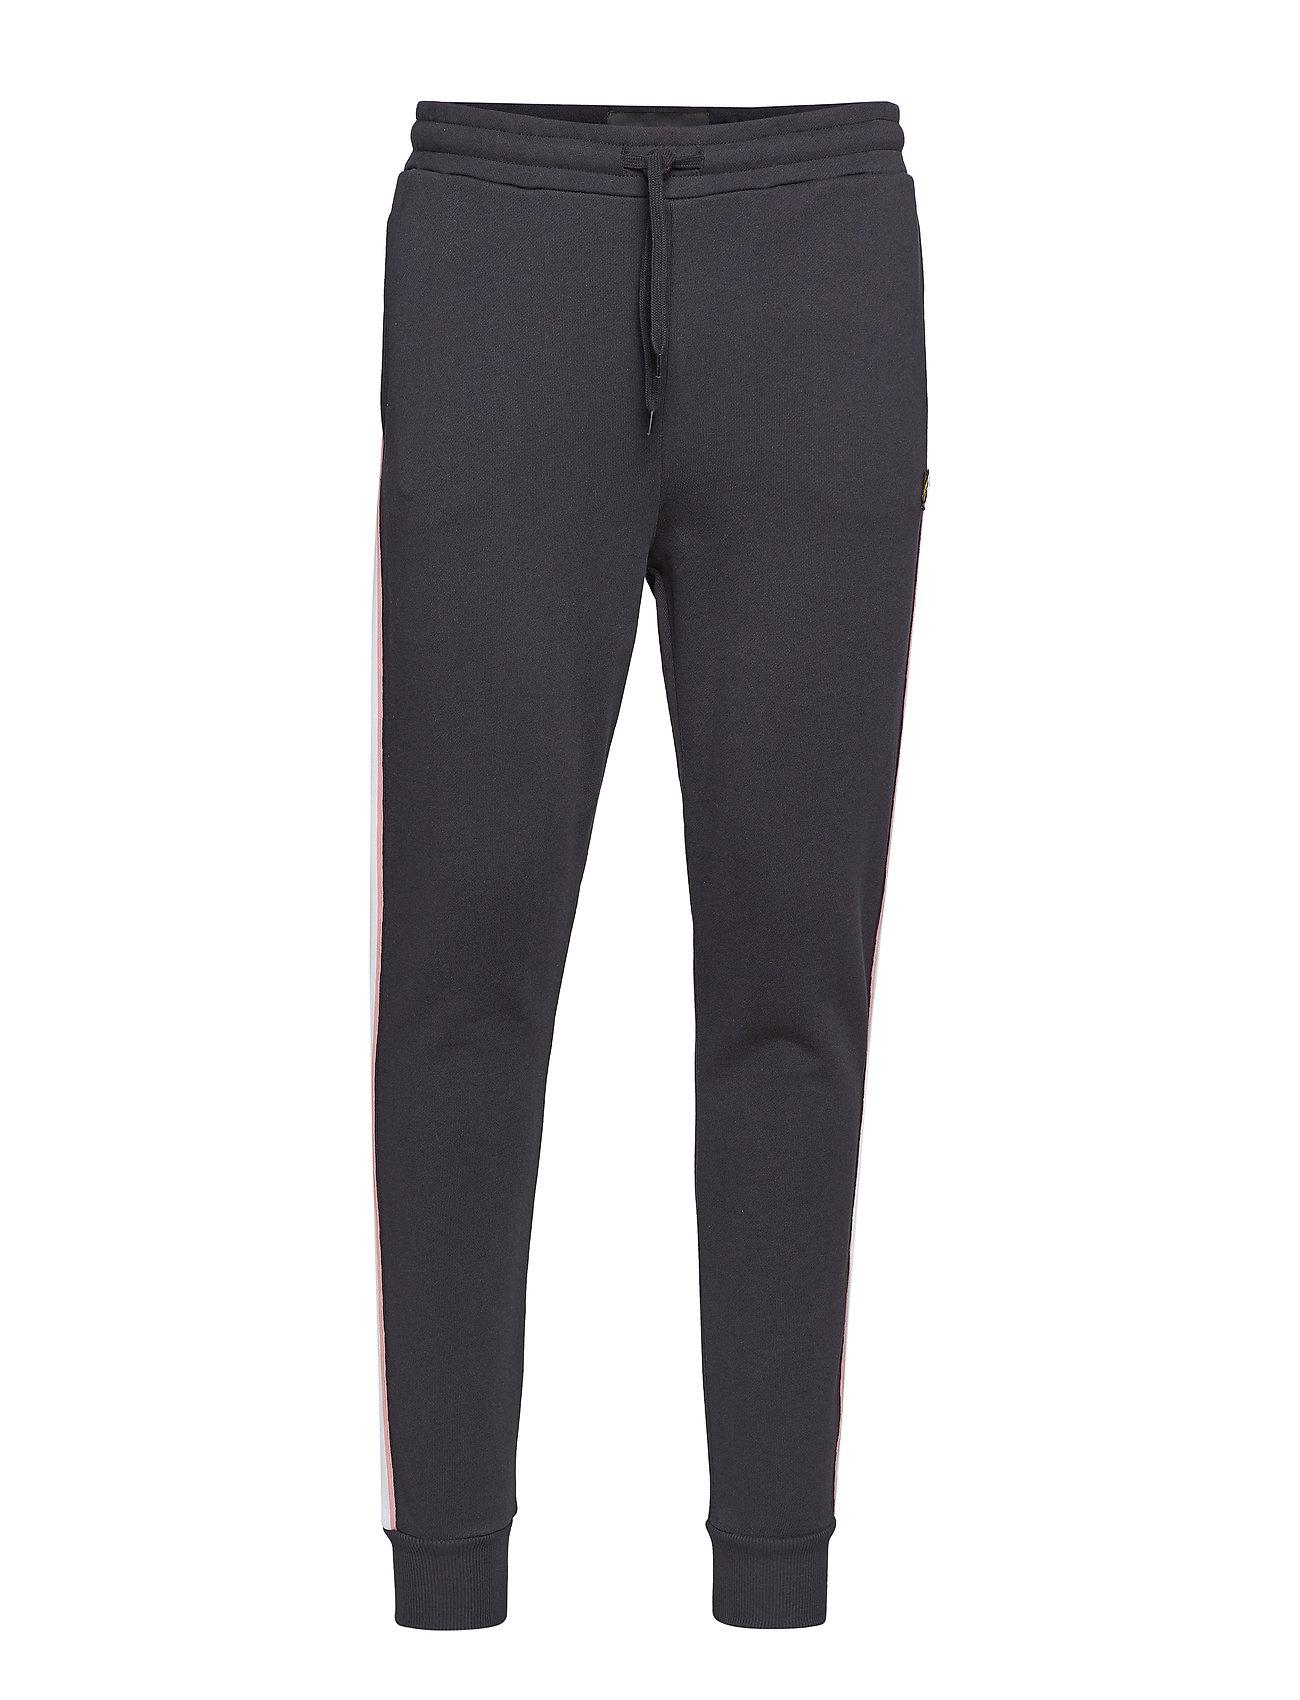 Lyle & Scott Side Stripe Skinny Sweatpant - TRUE BLACK